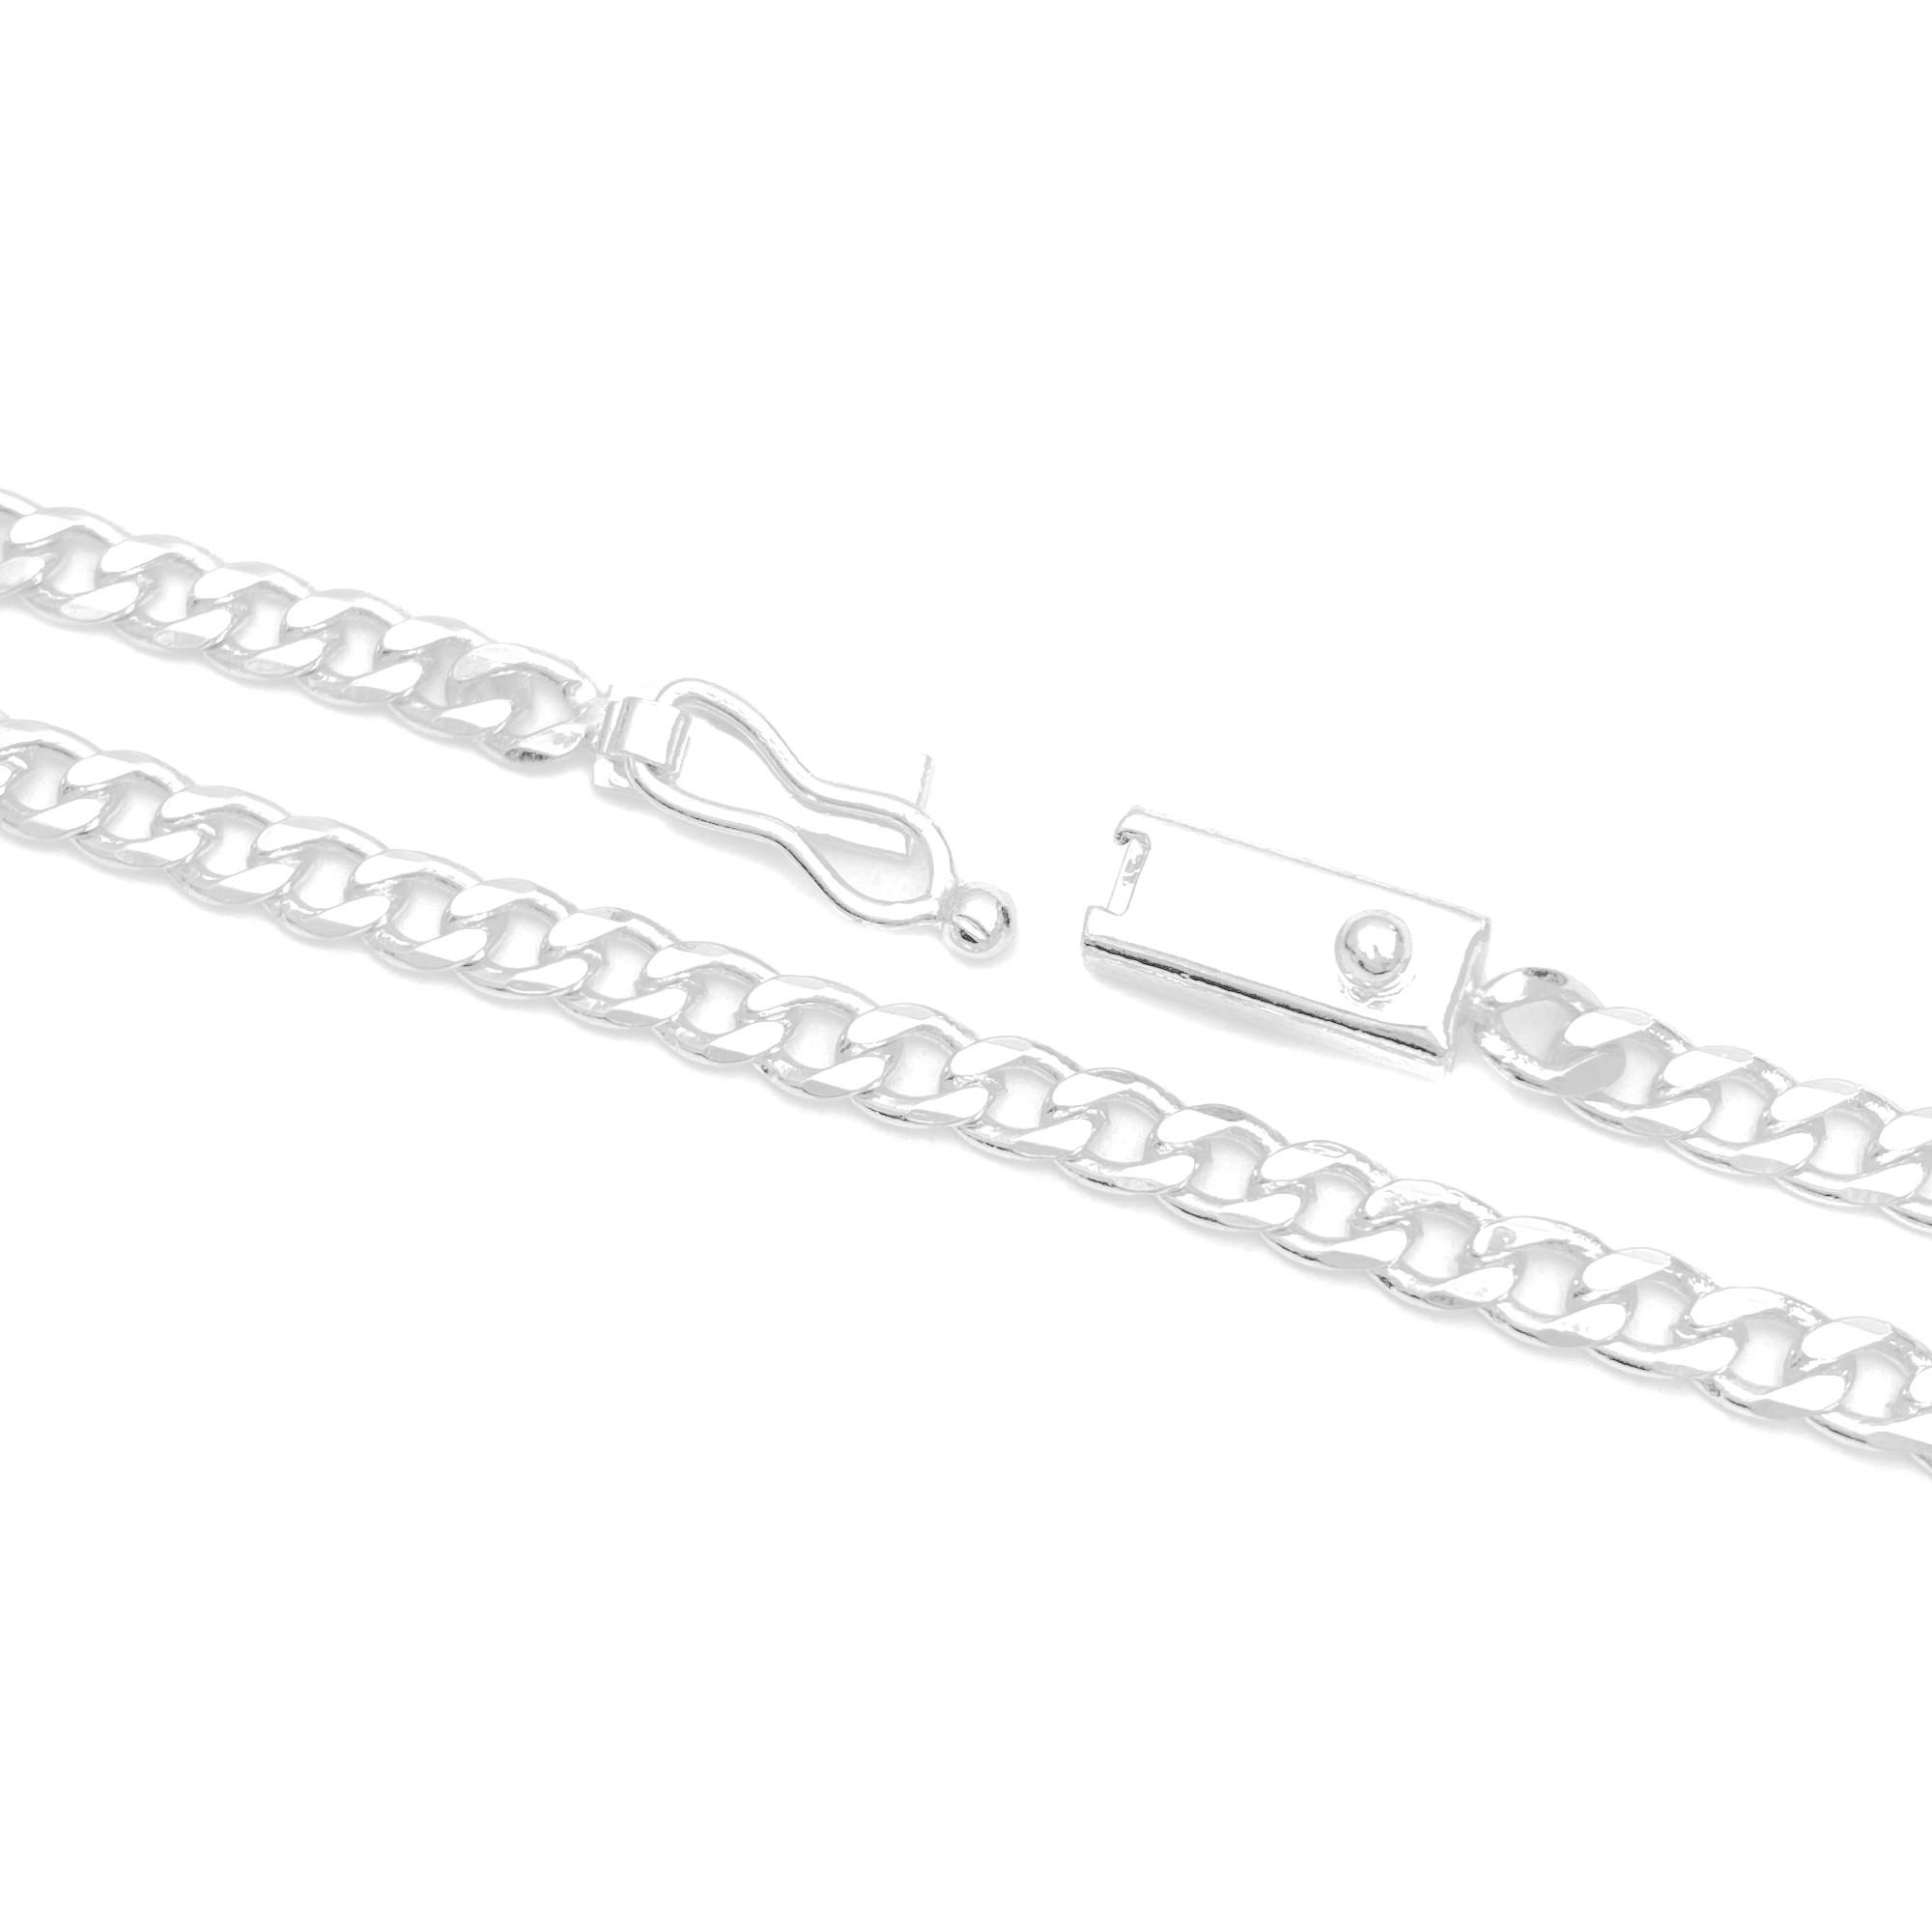 Corrente Grumet 2,8mm 60cm (11g) (Fecho Gaveta) (Banho Prata 925)